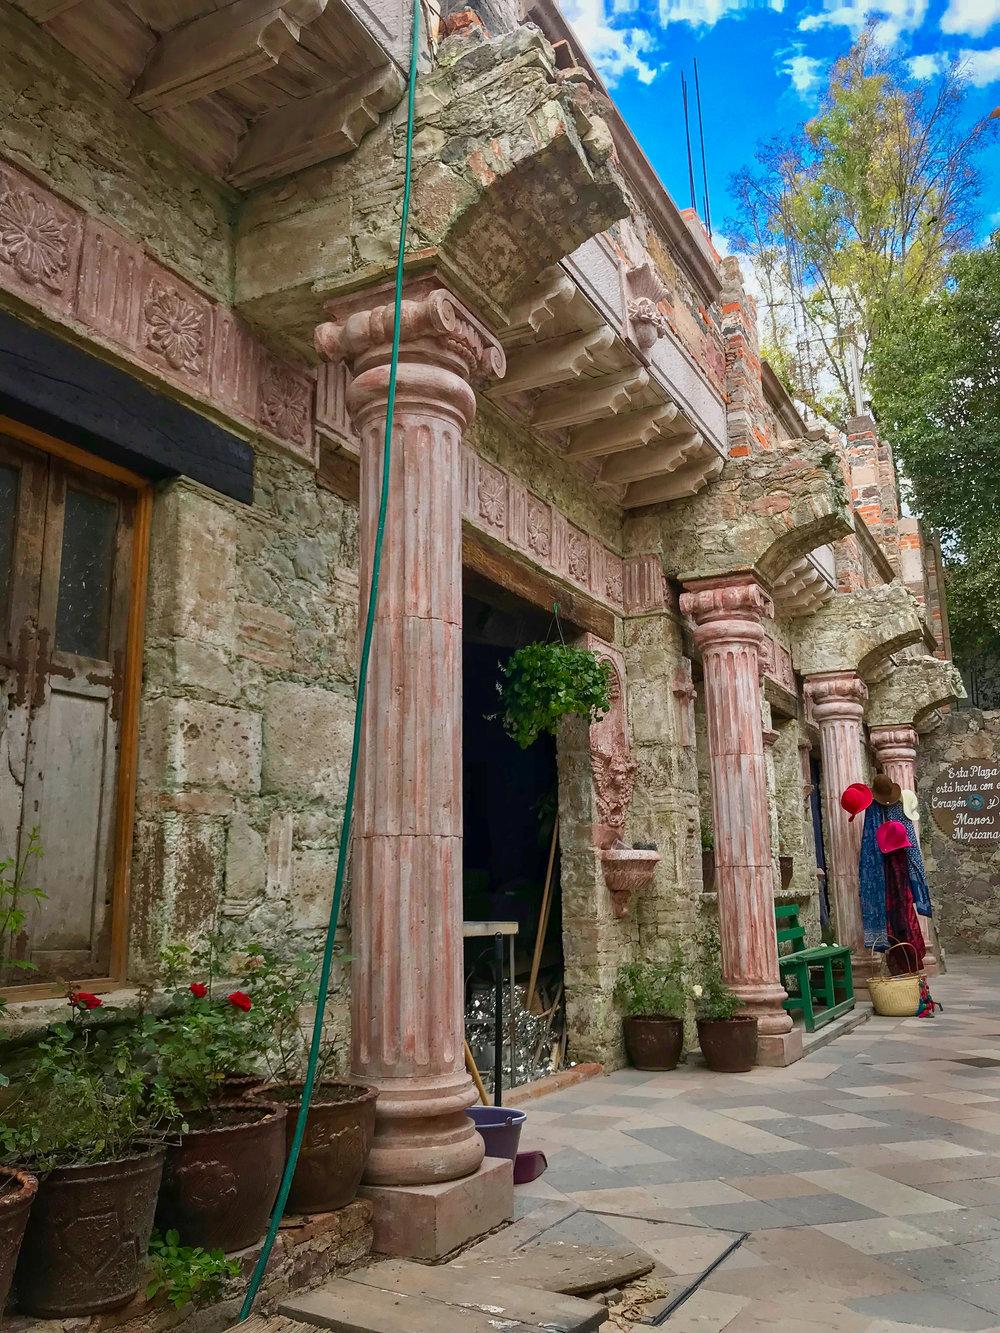 building in the Artisan alleys of San Miguel de Allende.